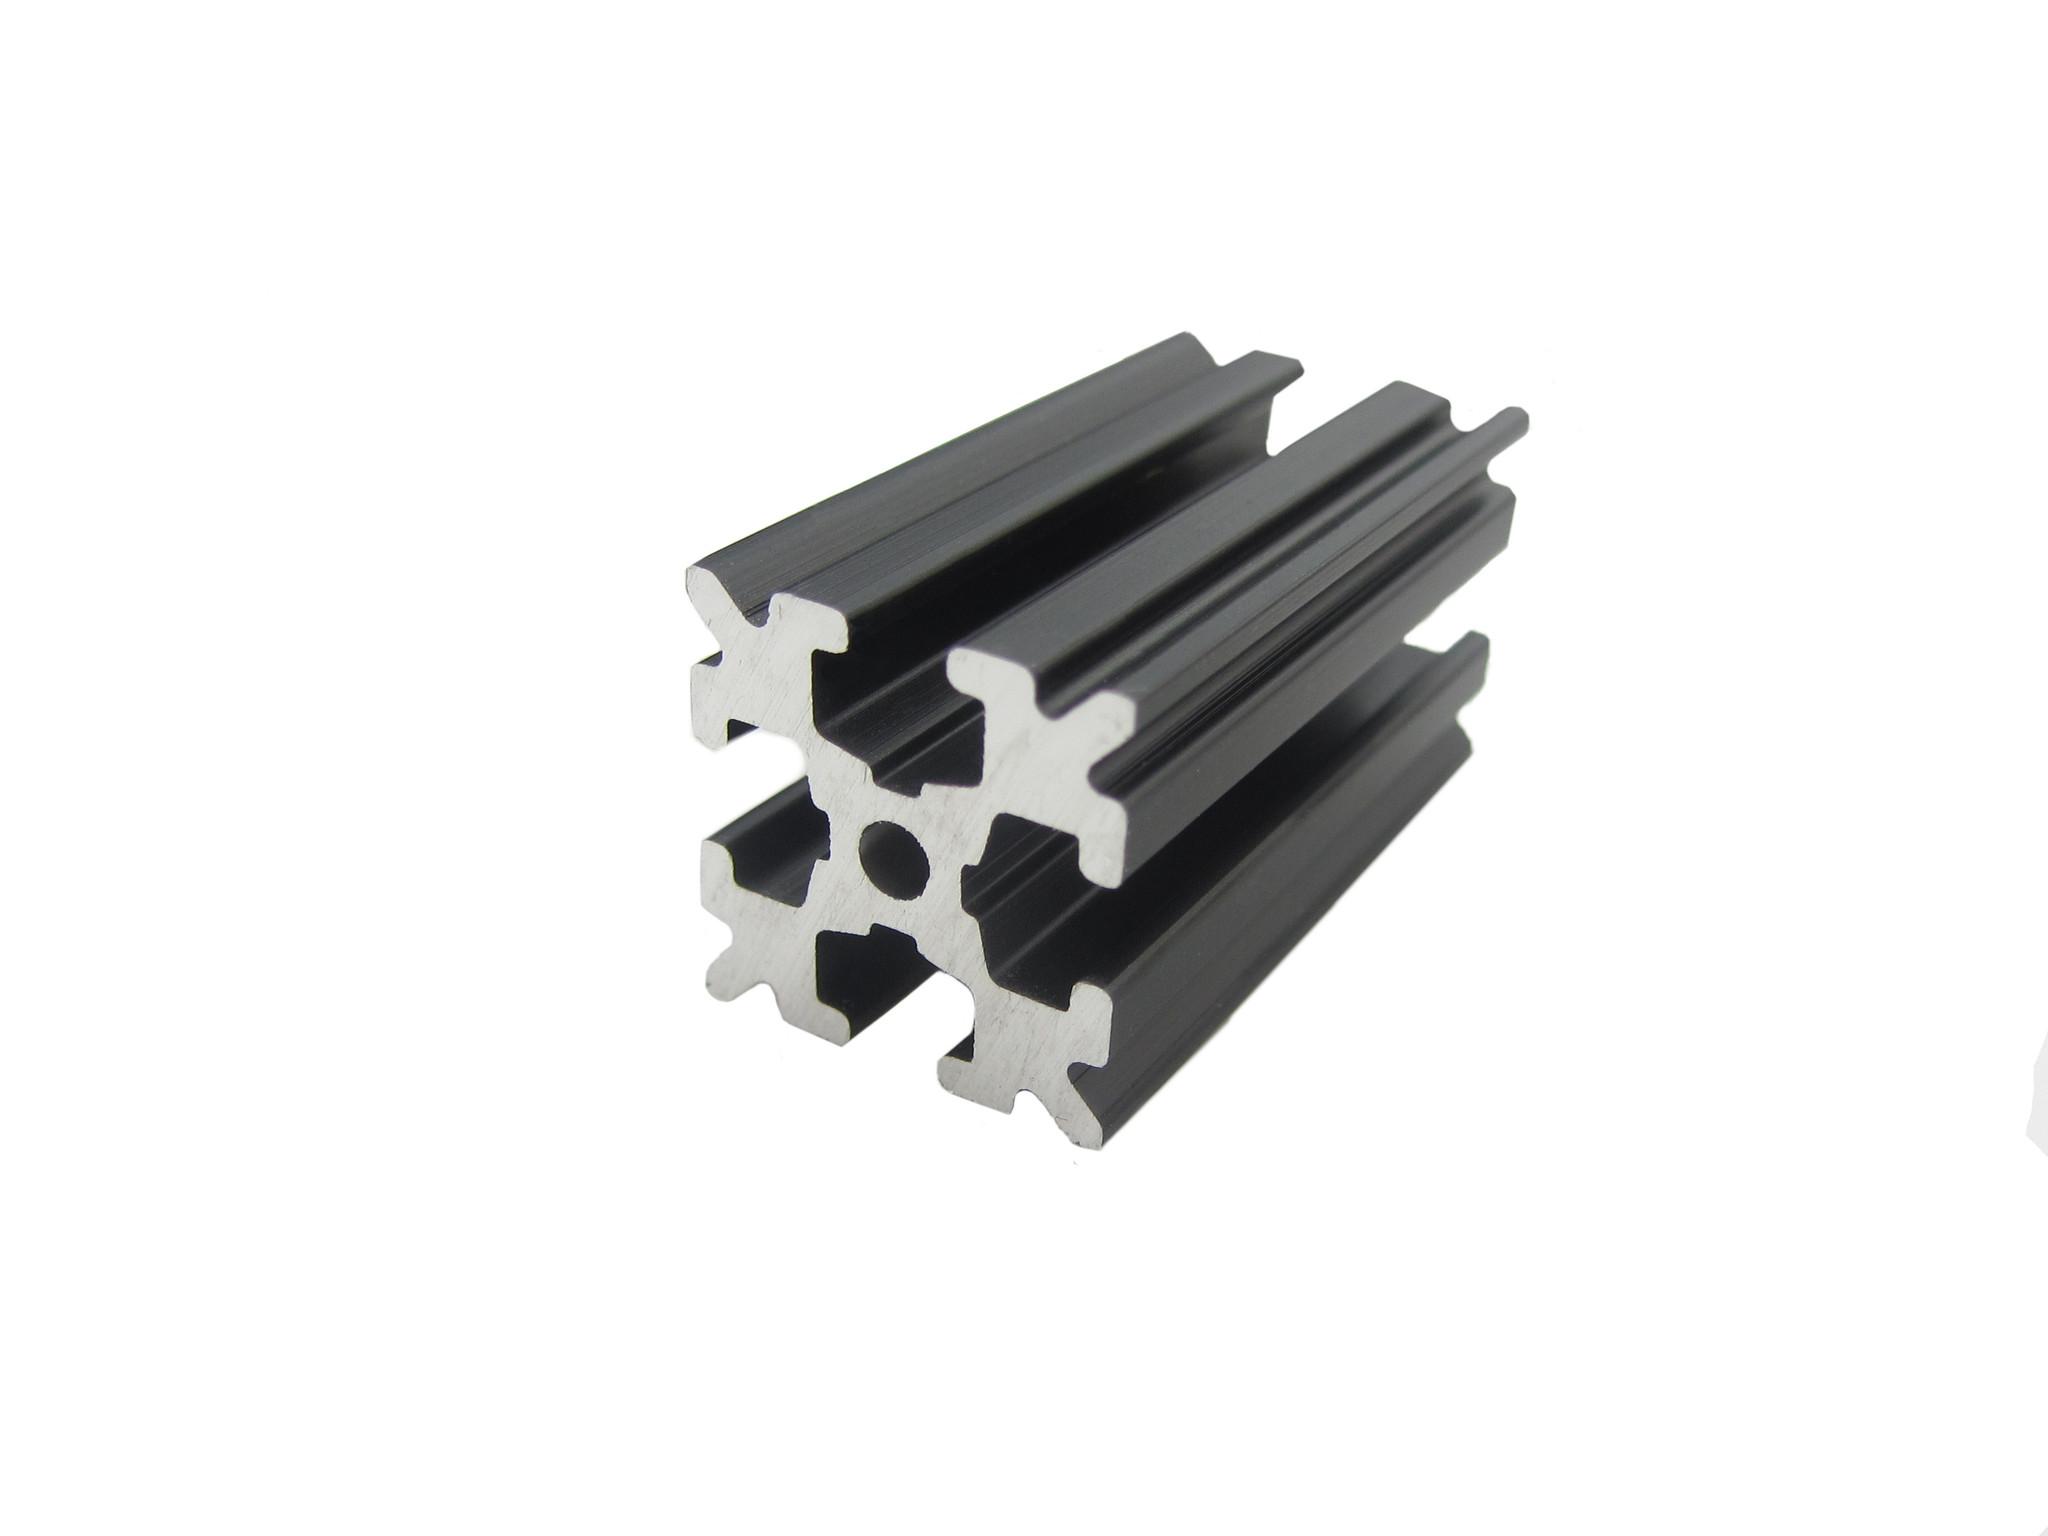 OpenBeam - 15x15mm aluminum profile 4 pieces of 120mm black anodised OpenBeam